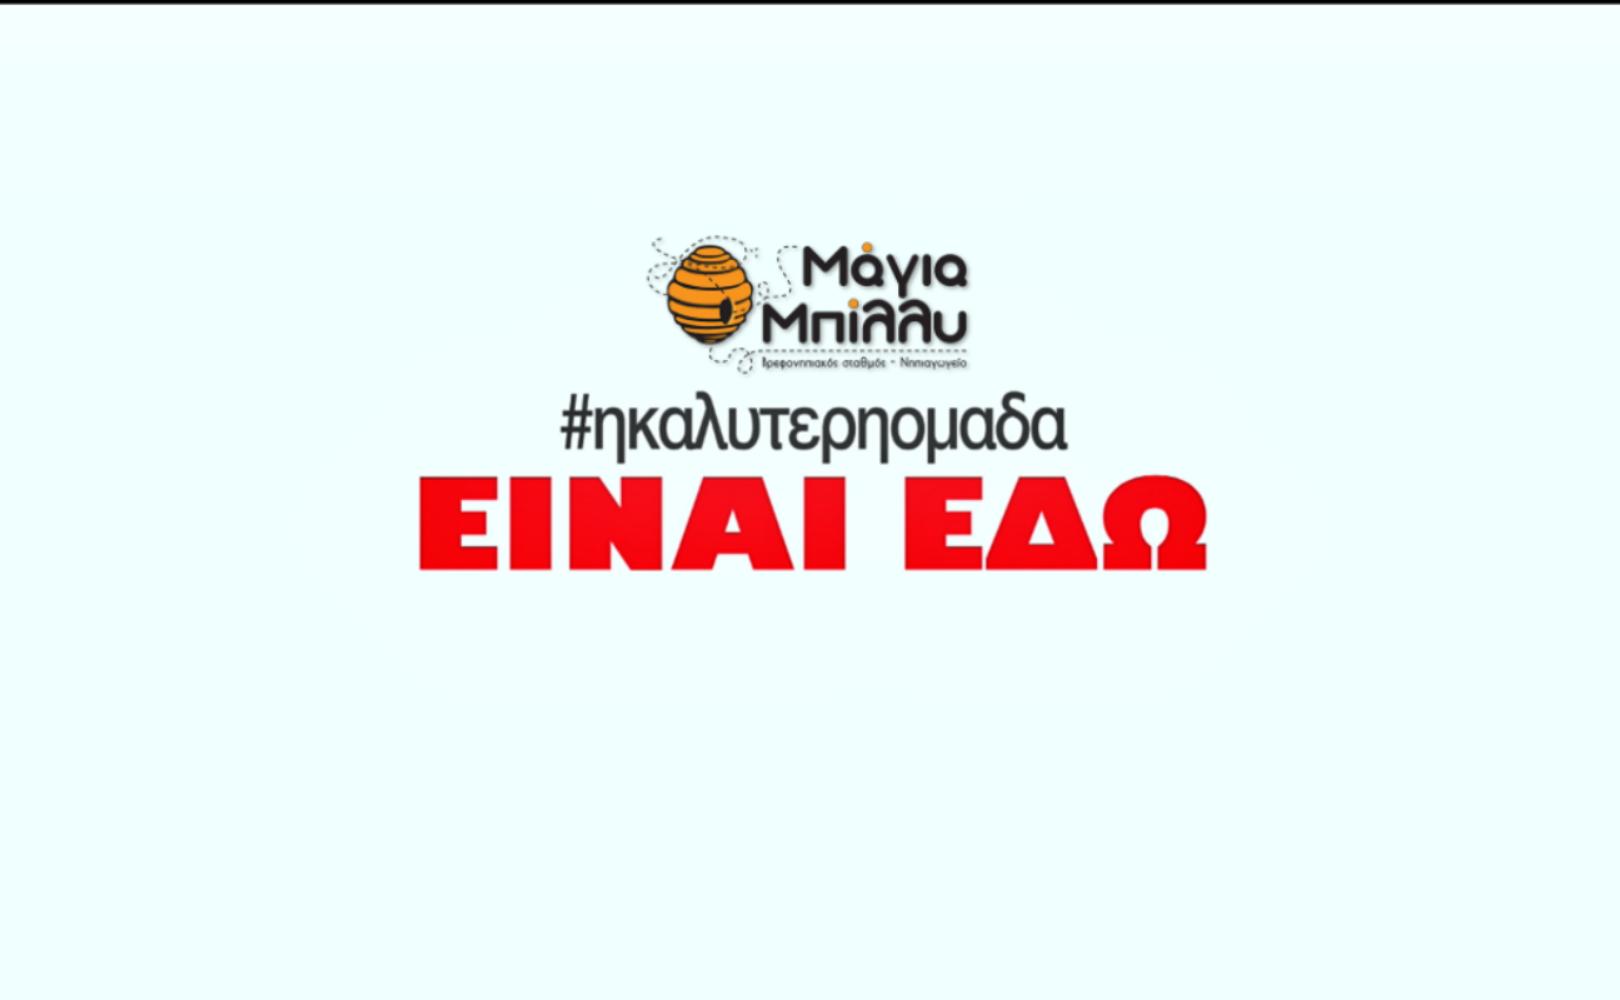 Μάγια Μπίλλυ 2019-2020